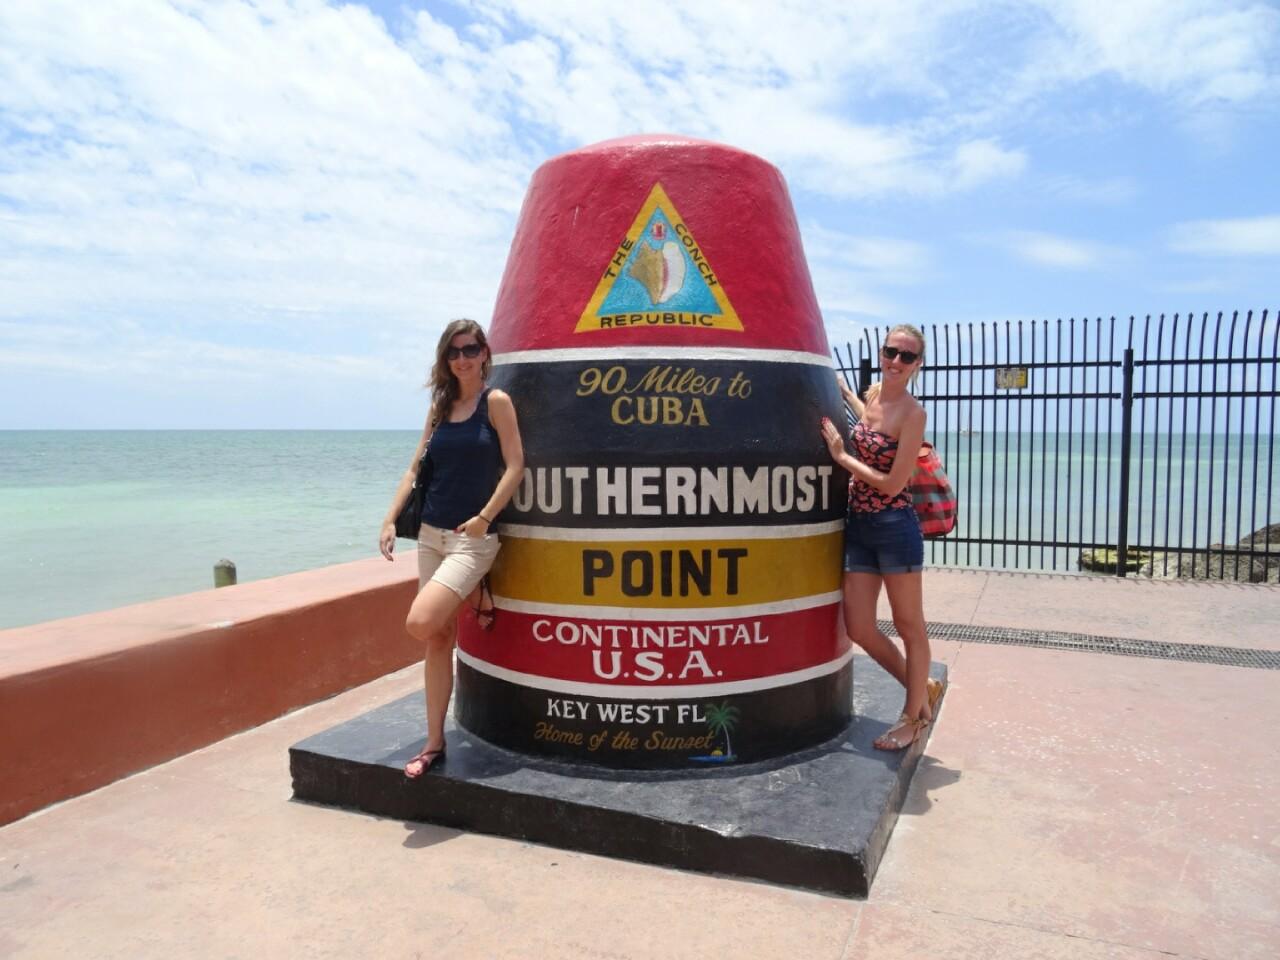 Key West, Florida – najzaujímavejšie miesta a fakty